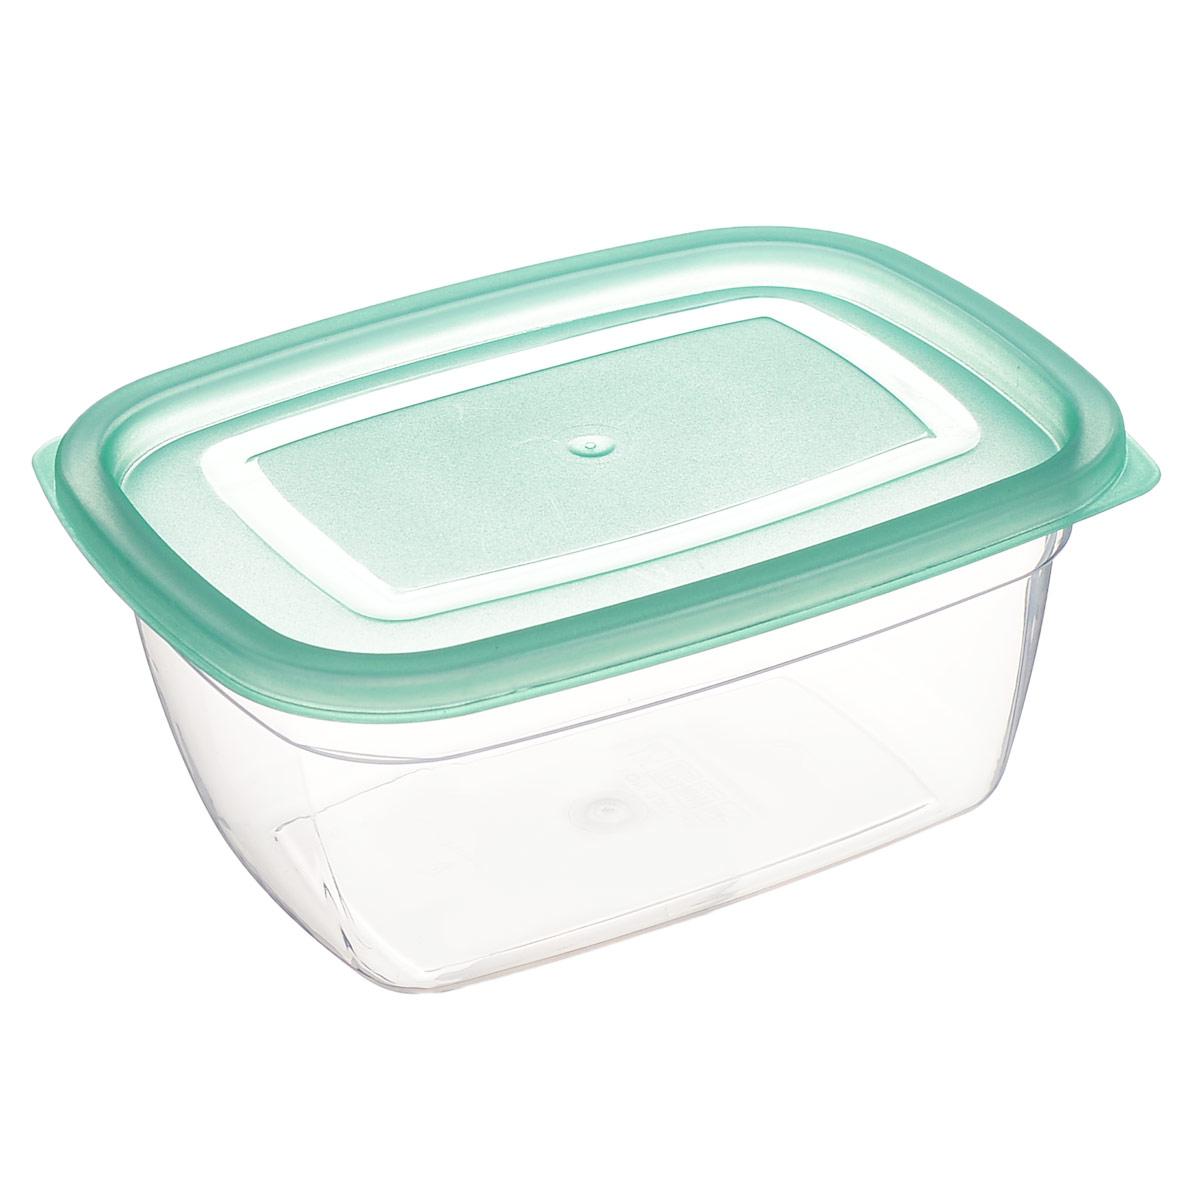 Контейнер Dunya Plastik, цвет: бирюзовый, 0,95 л контейнер dunya plastik цвет синий прозрачный 2 20 л